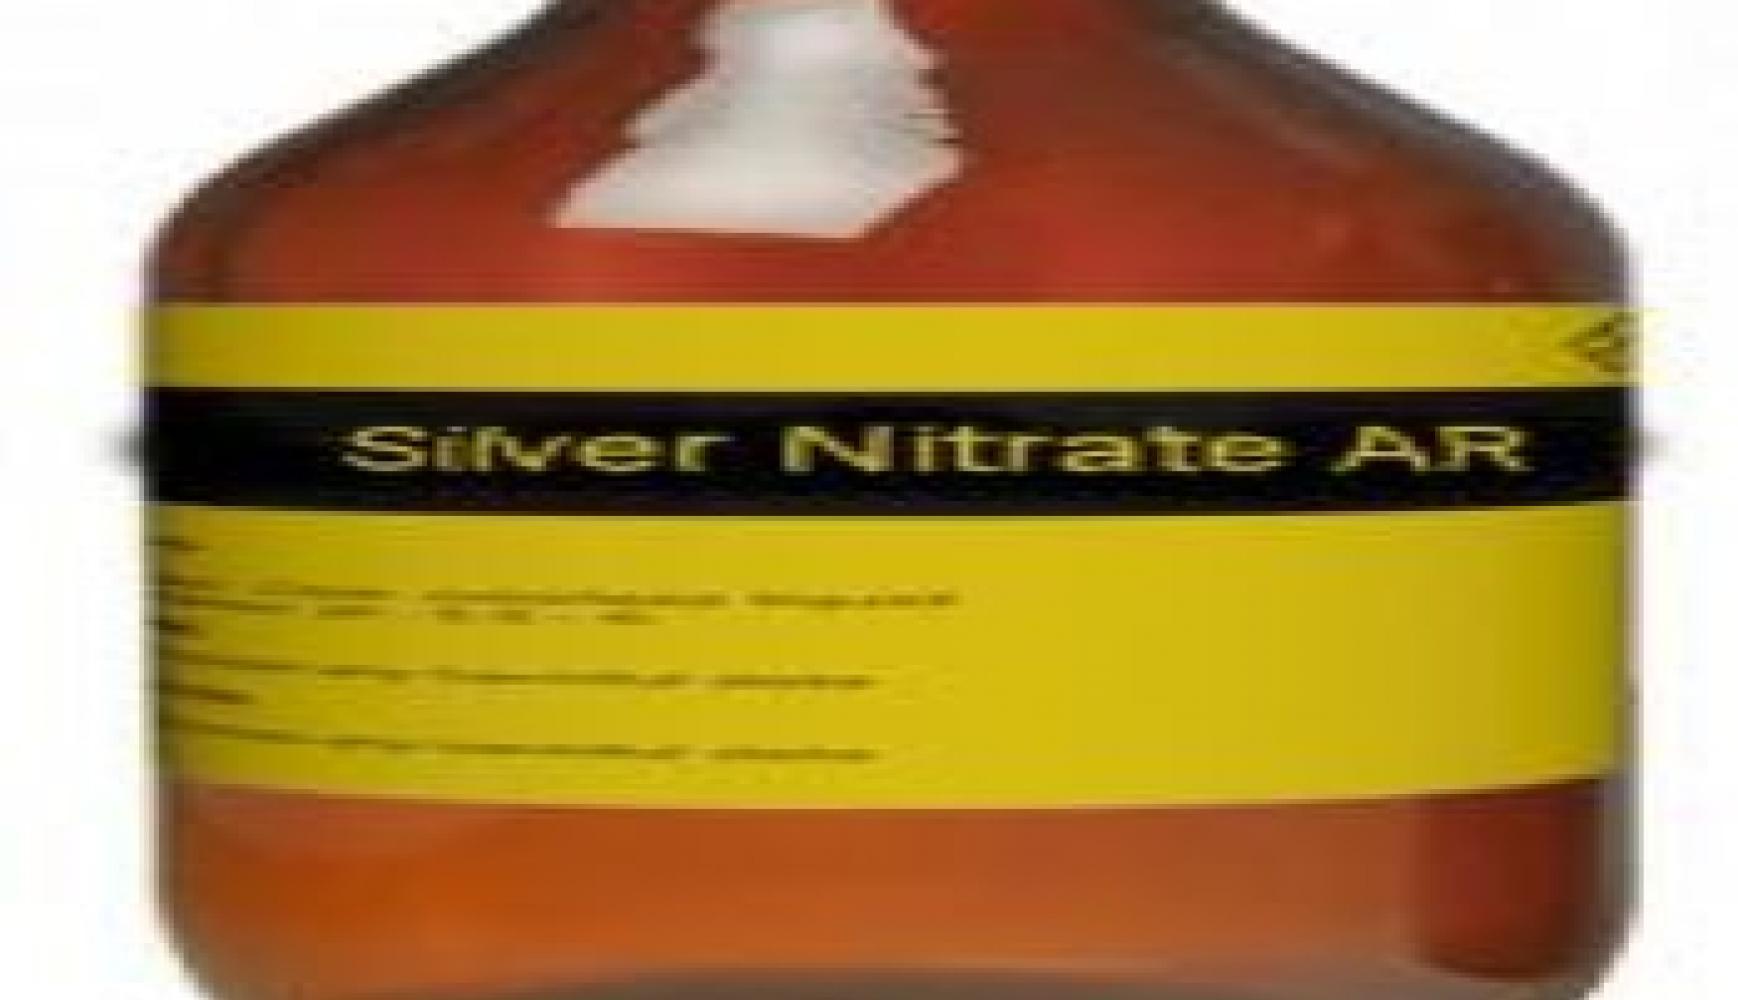 Silver Nitrate Soln  LR(RXSOL-60-6106-500), UAE